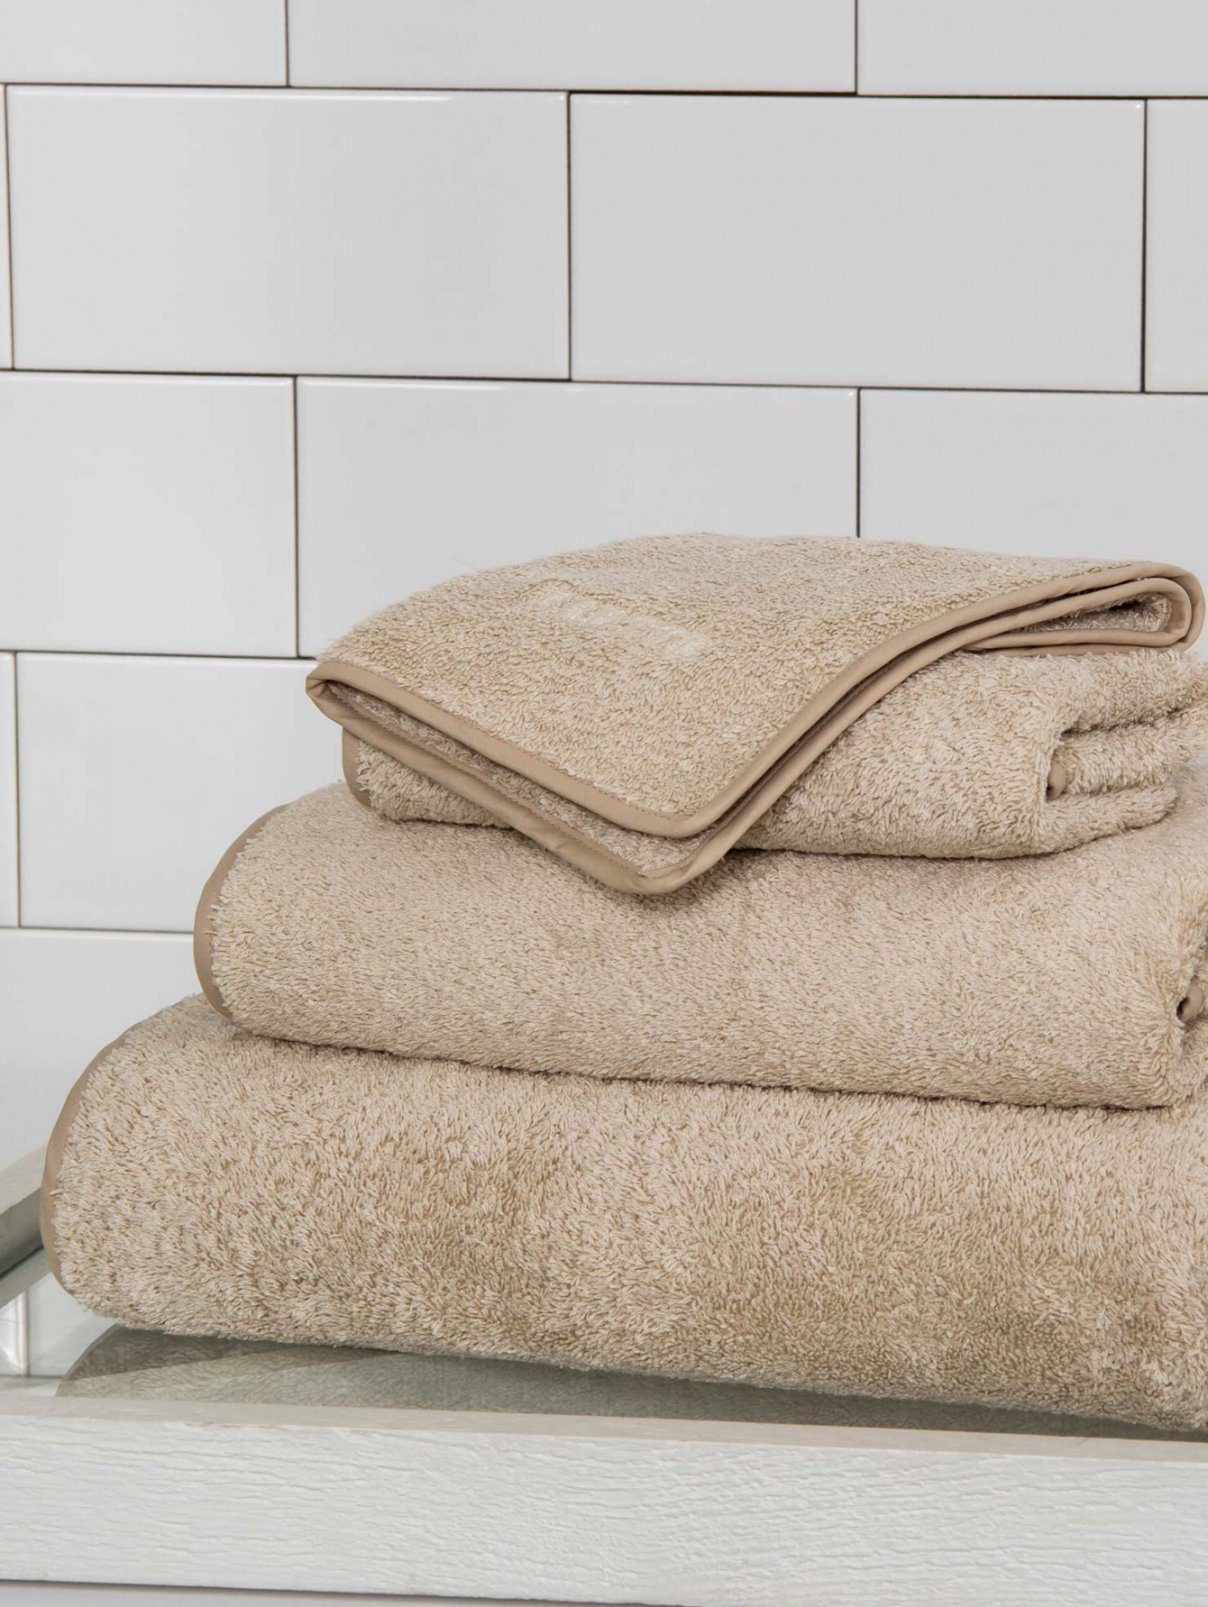 Полотенце 60 х 110 см SOLID TOWEL Frette  –  Общий вид